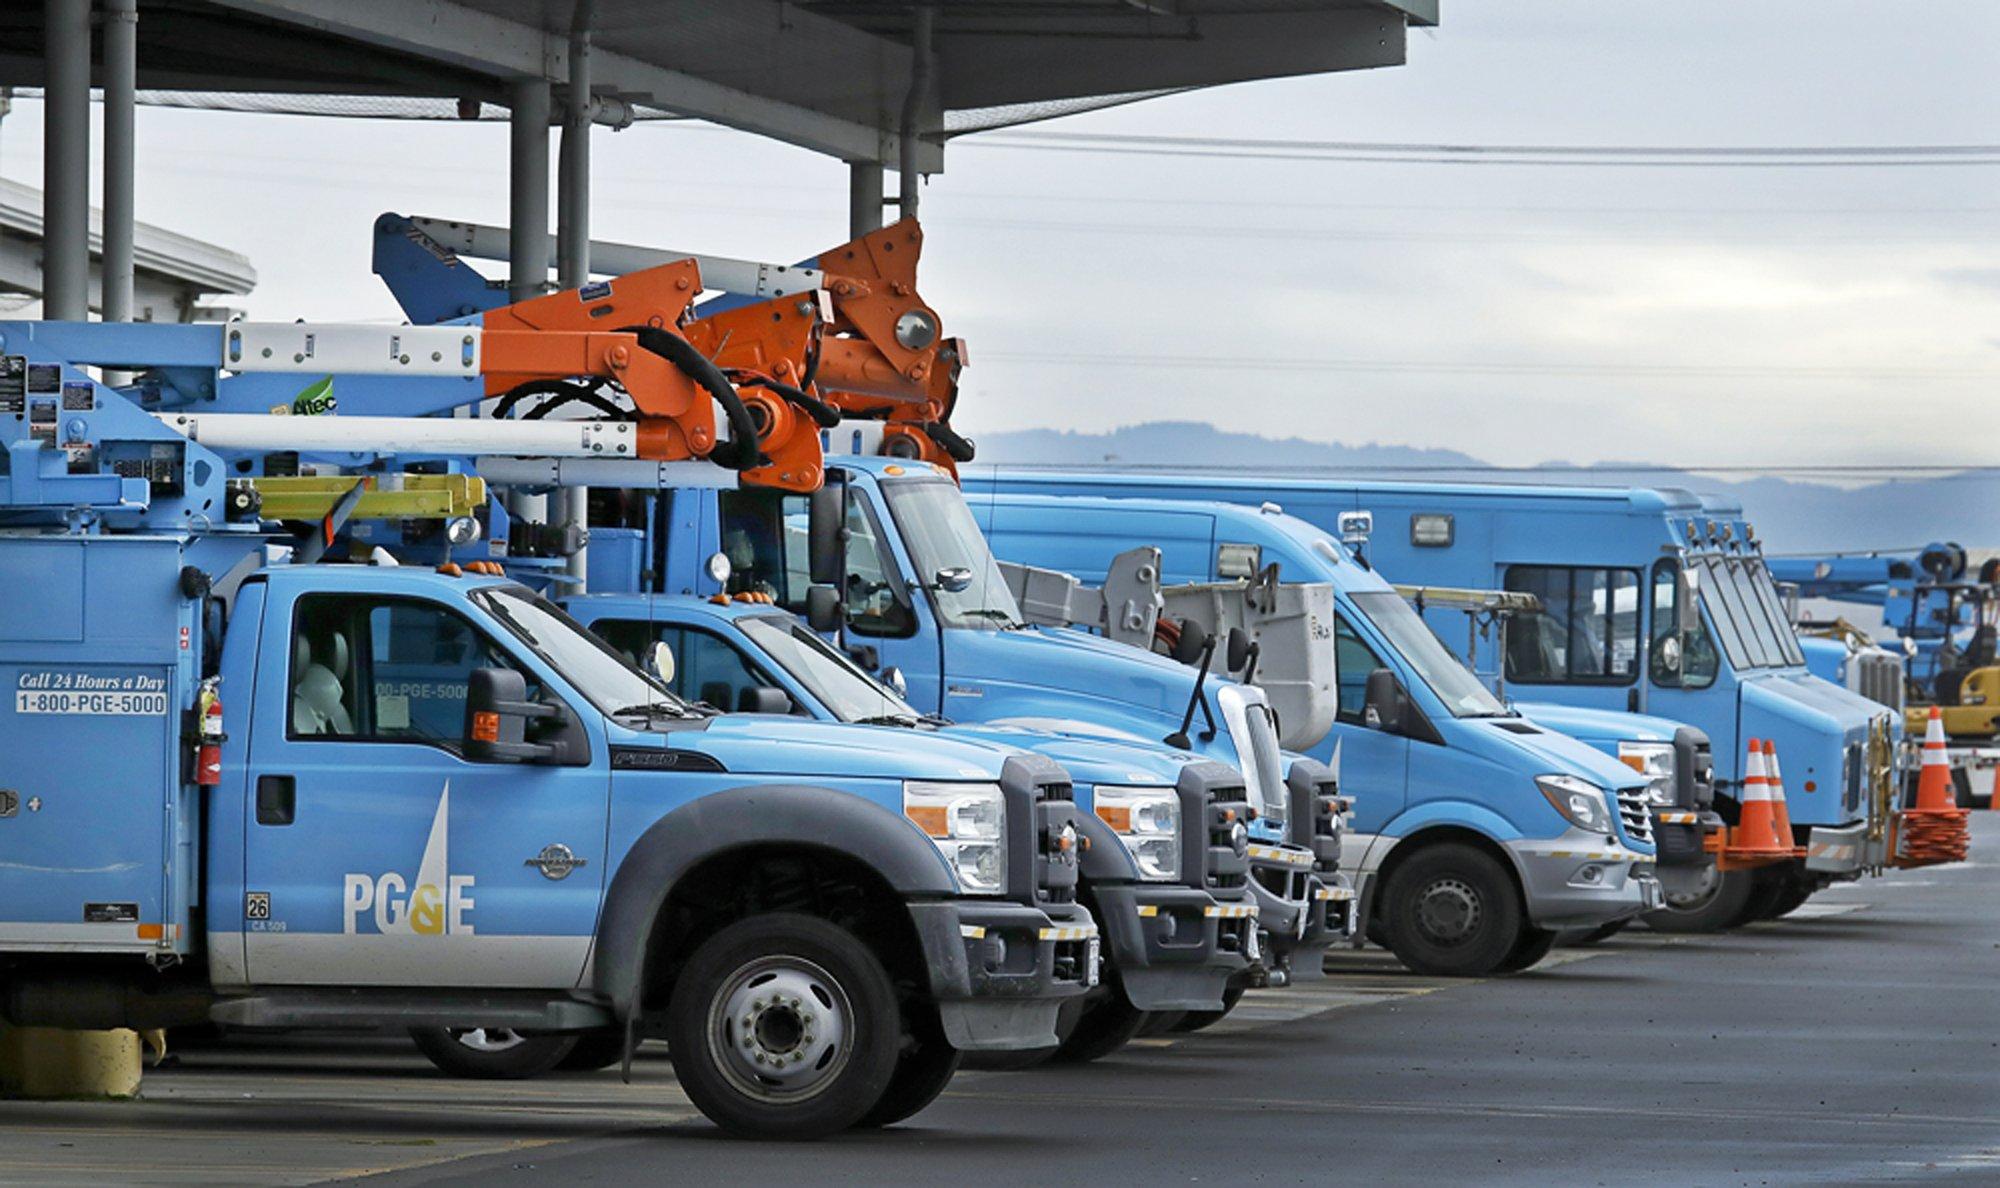 pg&e trucks_1548799407467.jpg.jpg